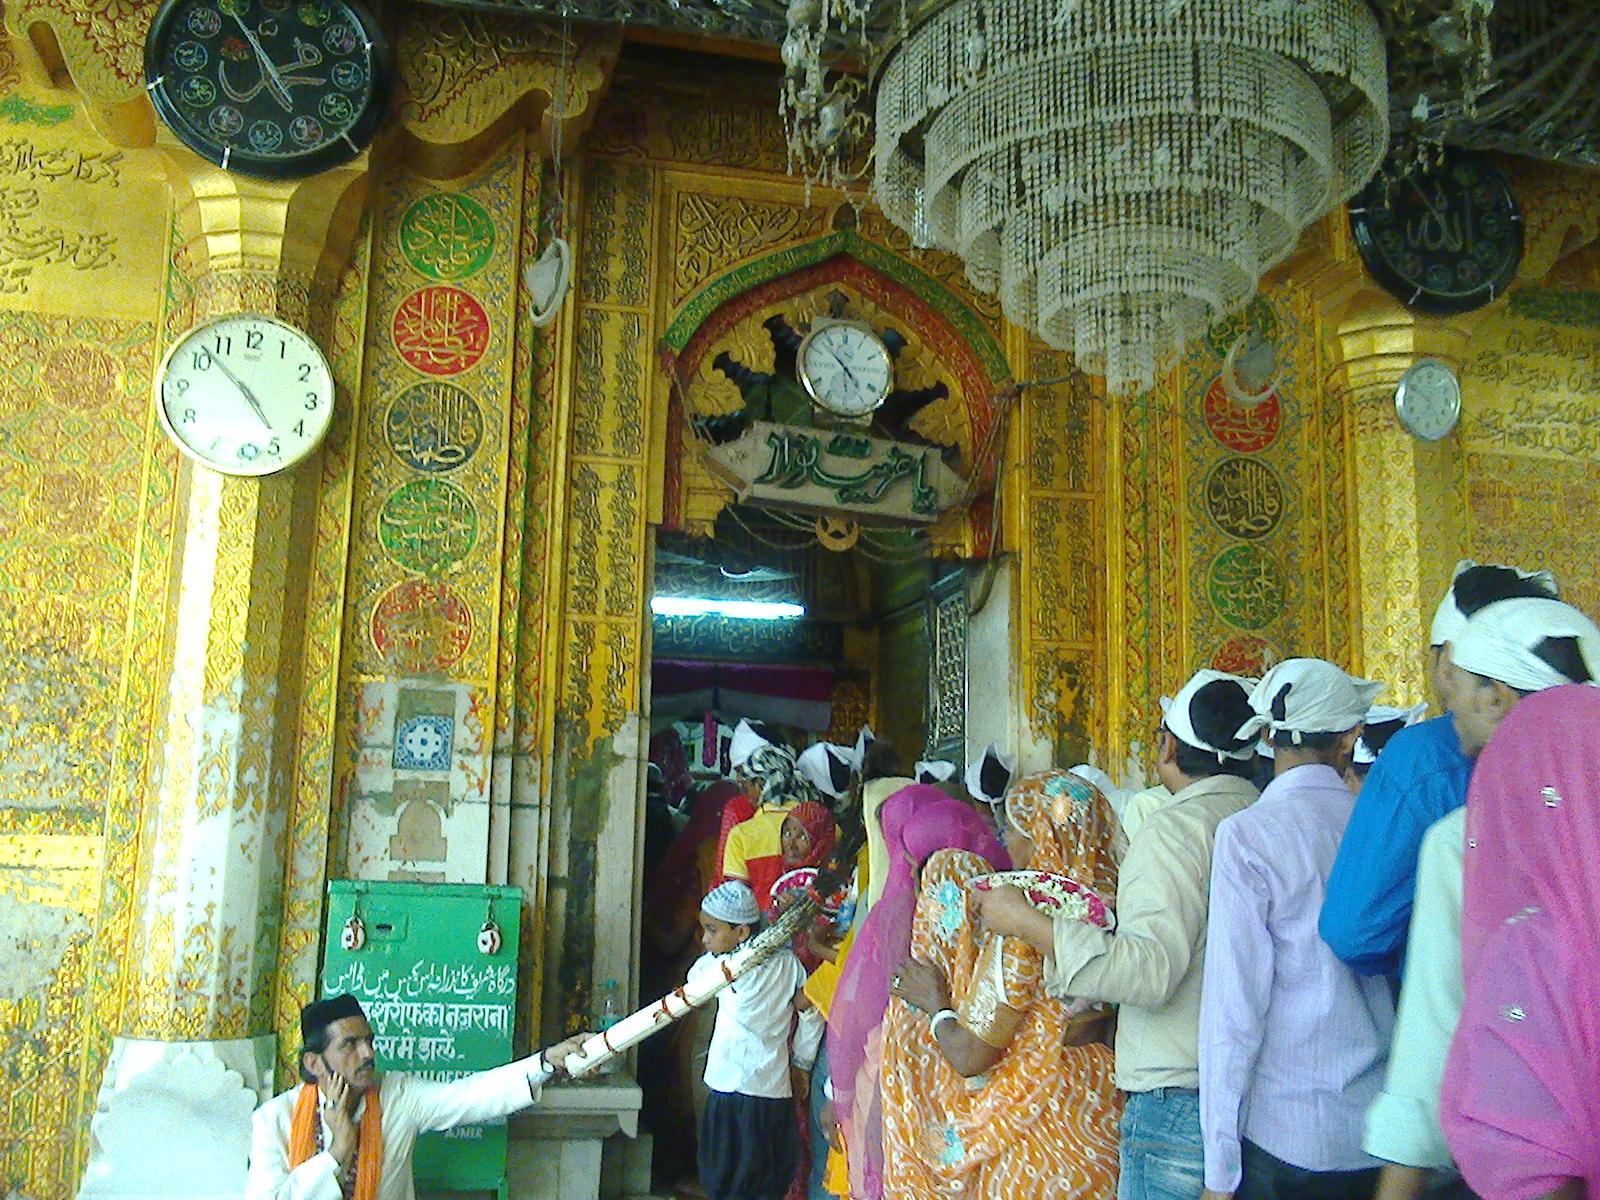 Devotees entering the dargah sanctum